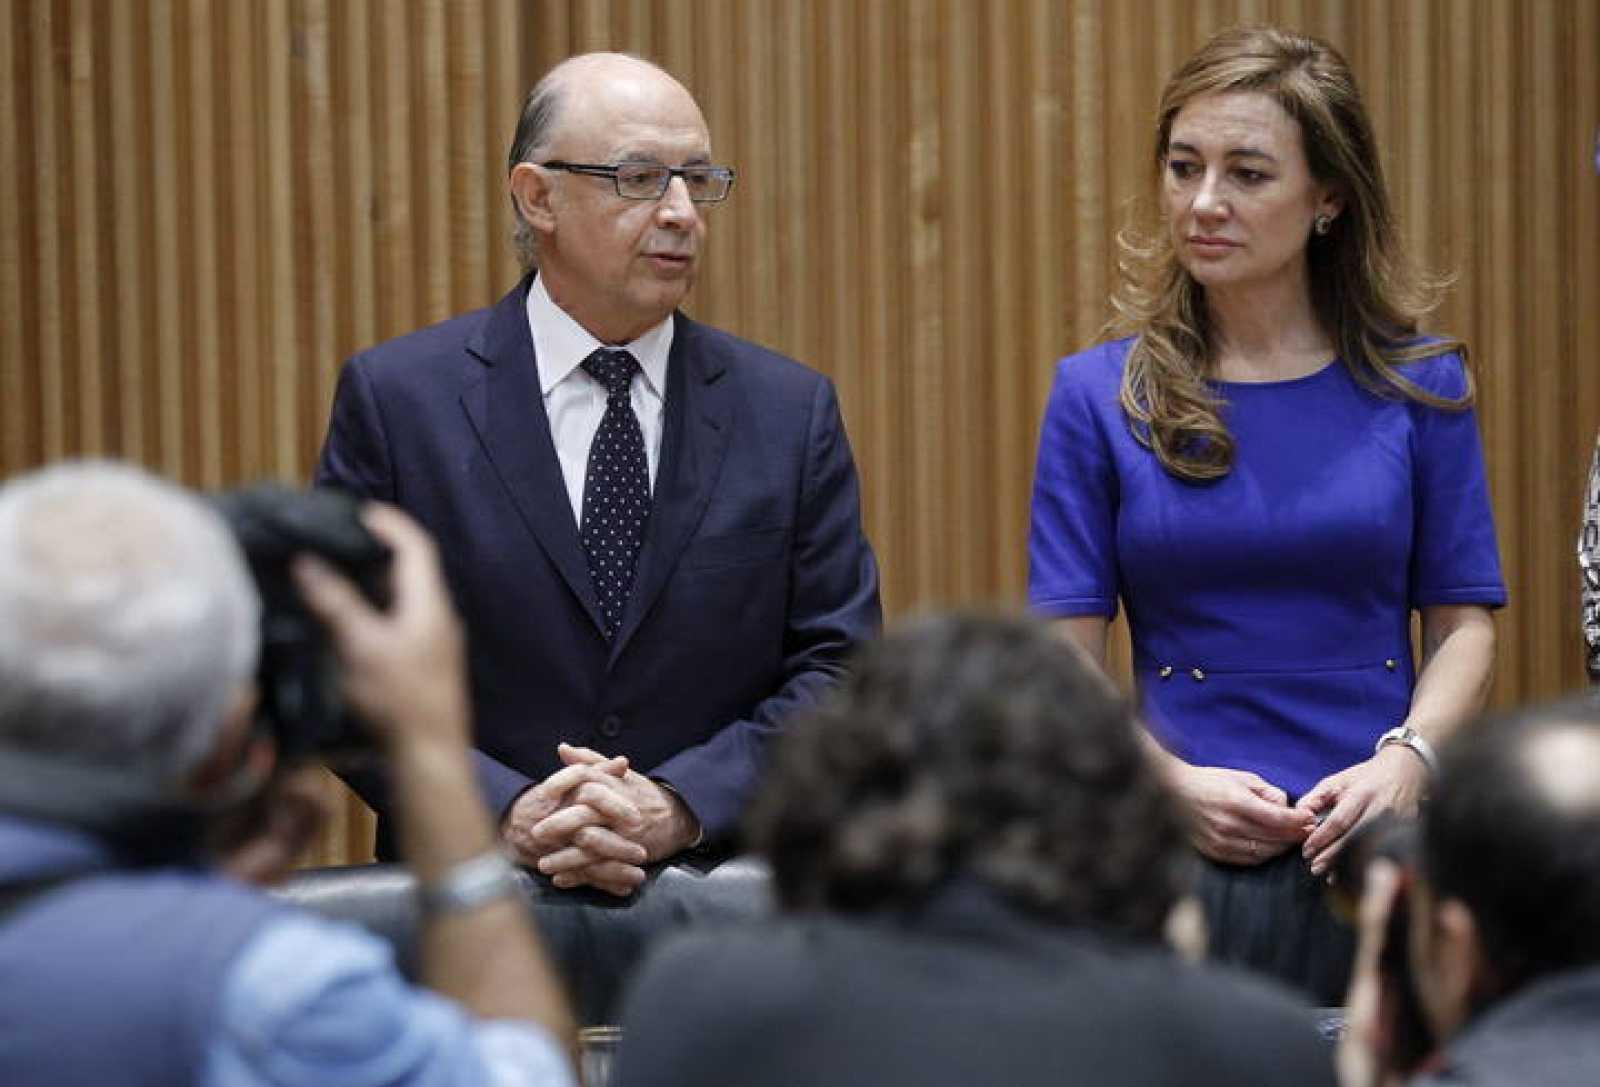 El ministro de Hacienda y Administraciones públicas, Cristóbal Montoro, junto con la secretaria de Estado de Presupuestos, Marta Fernández Currás